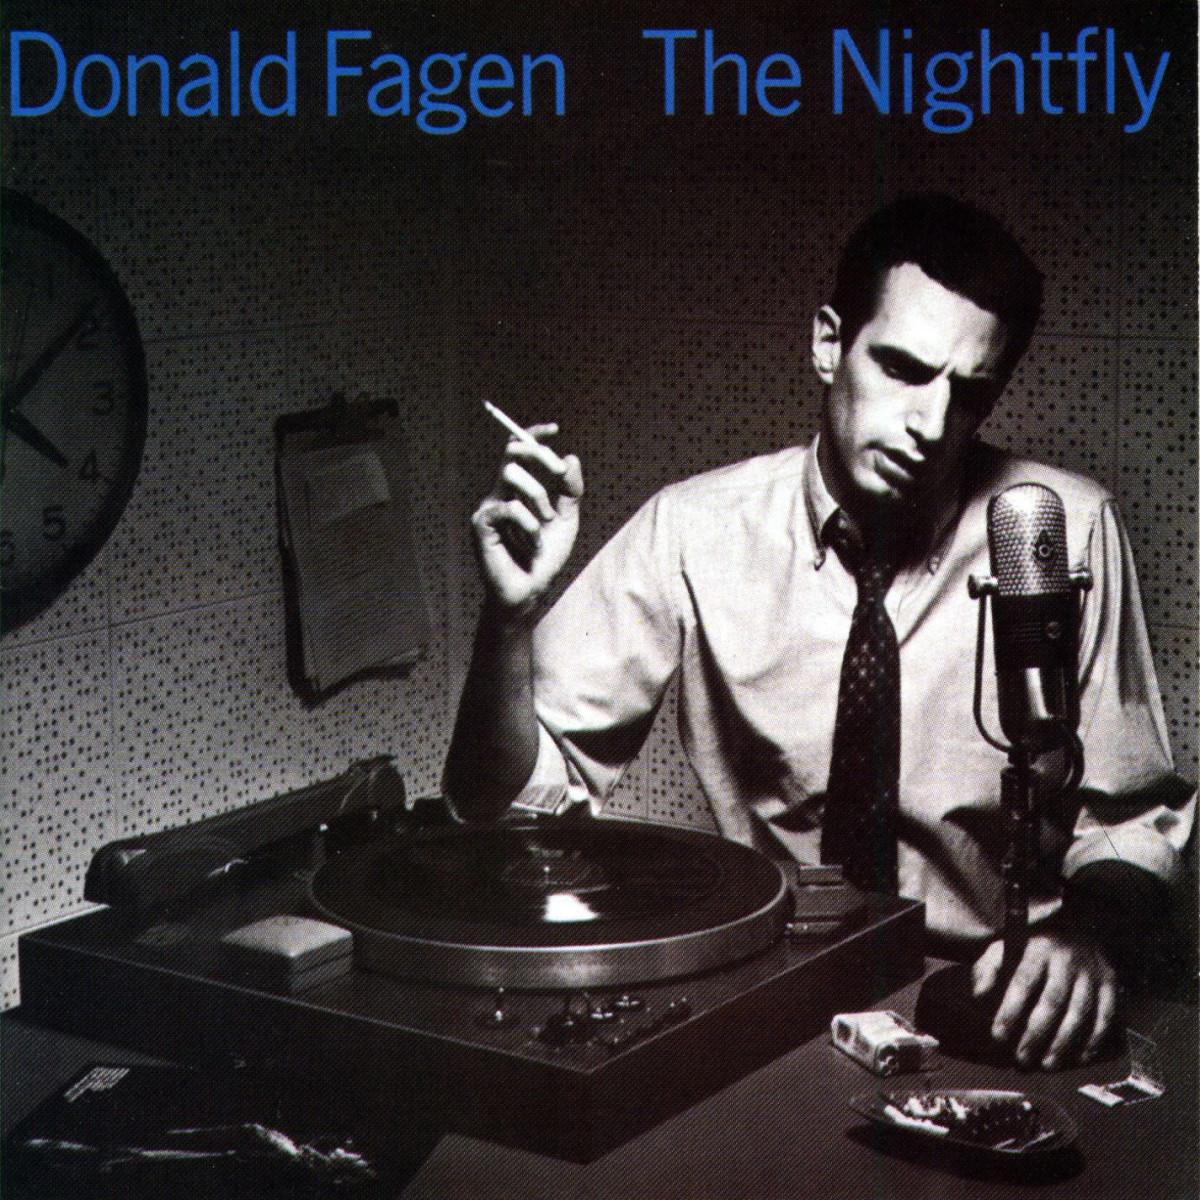 Donald Fagan, The Nightfly